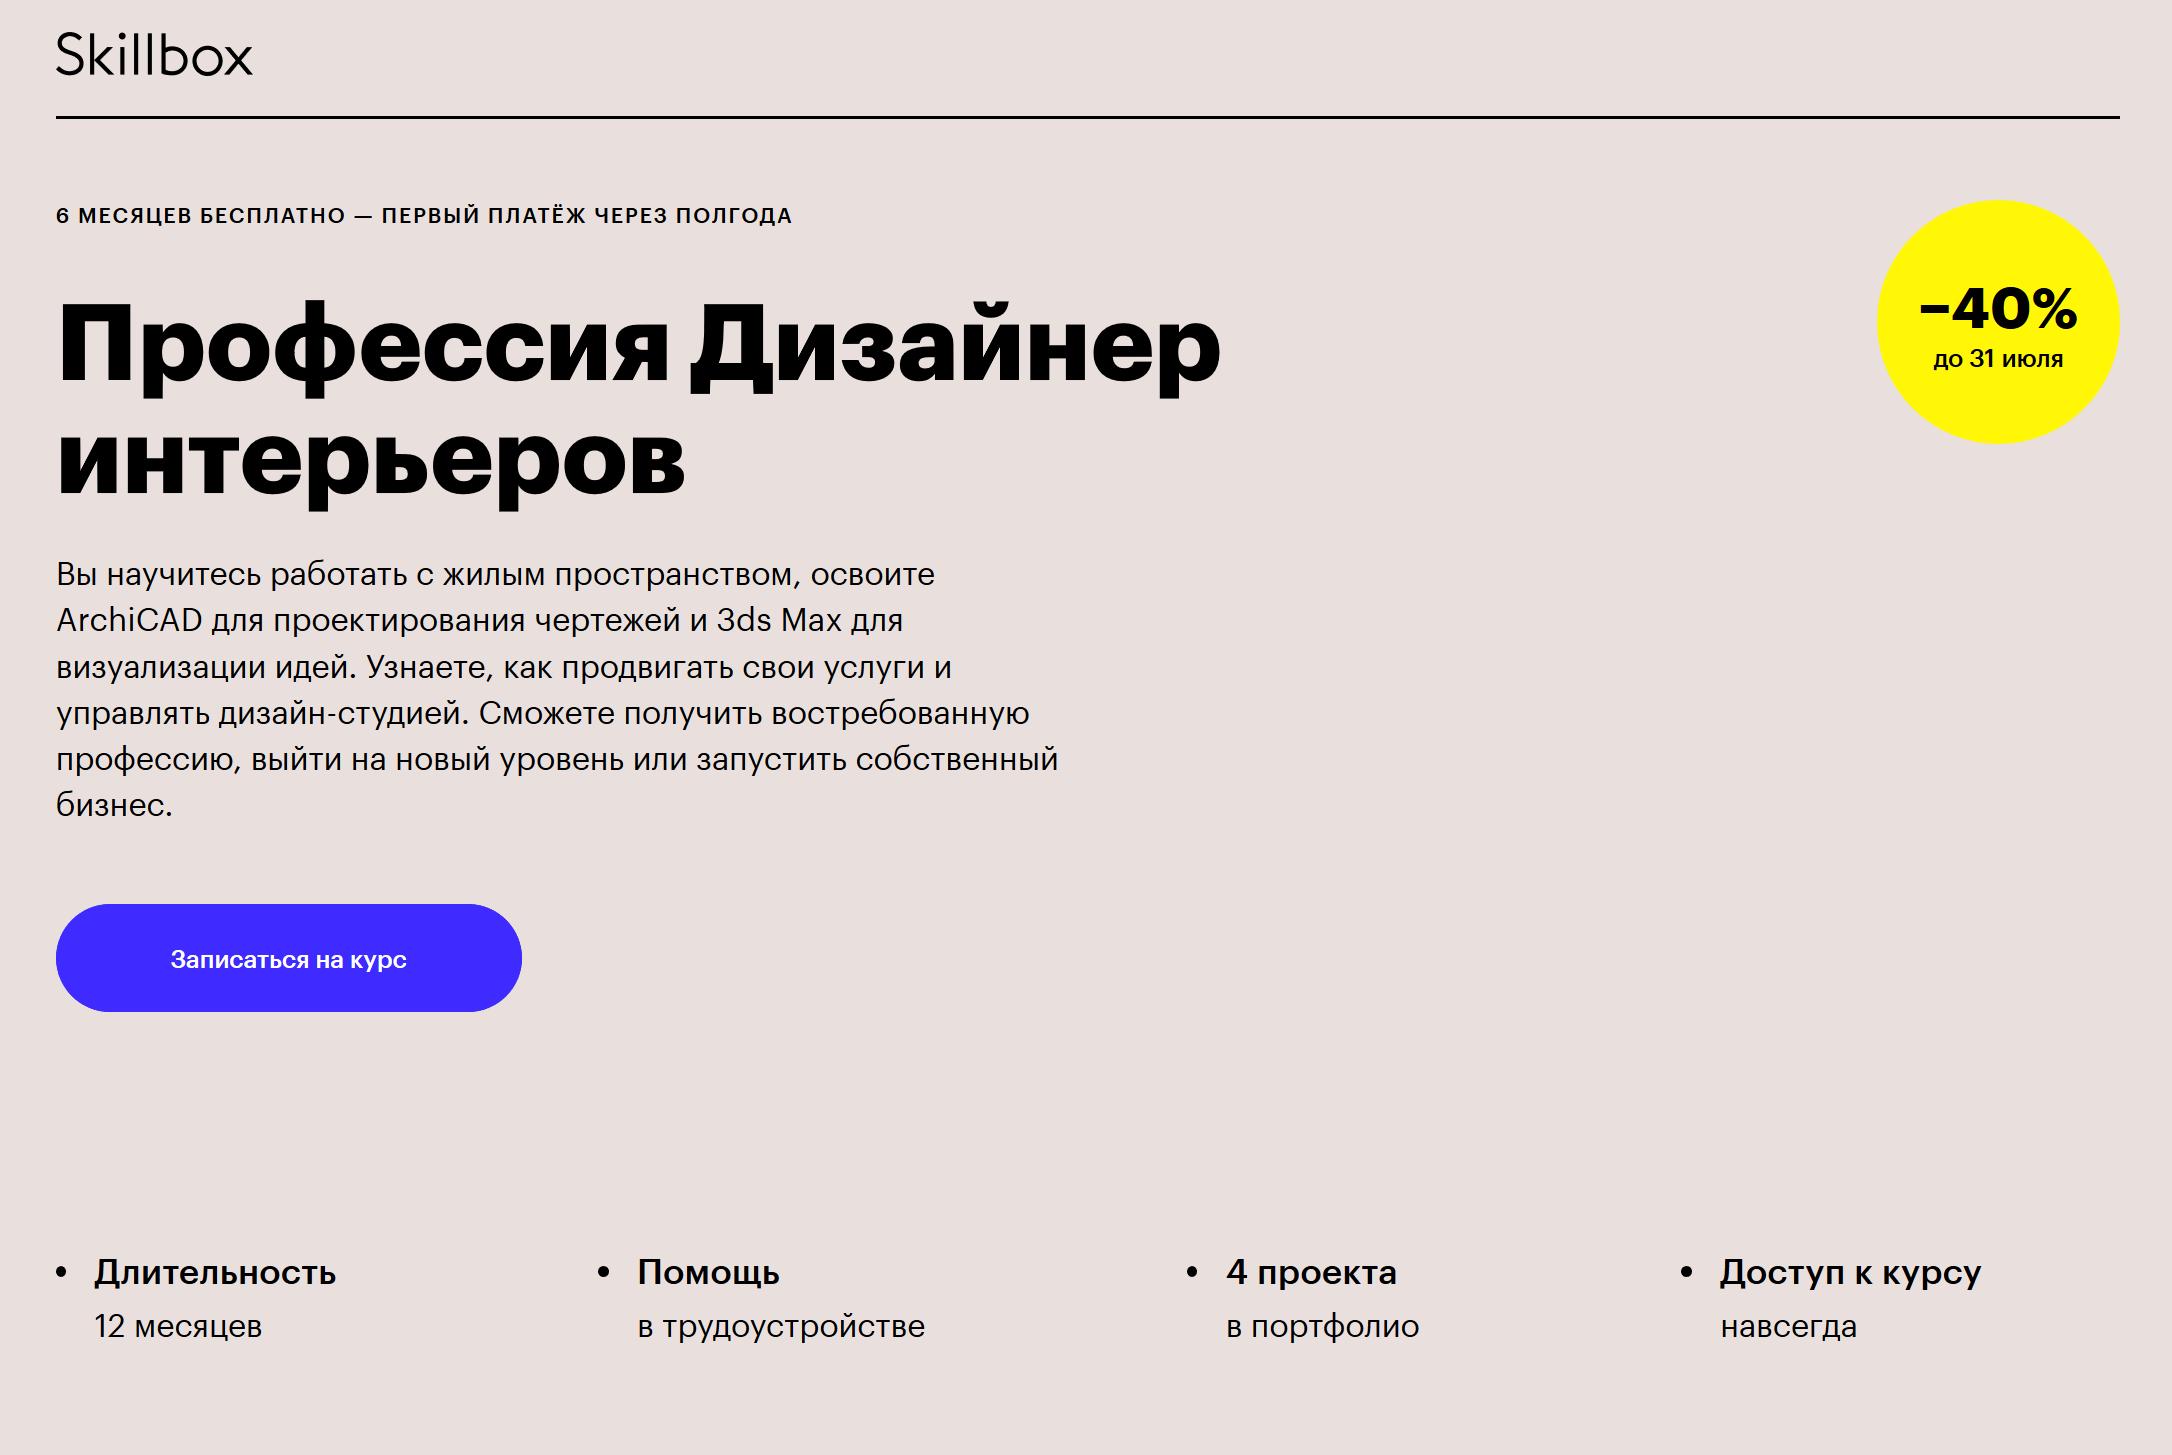 Профессия Дизайнер интерьеров